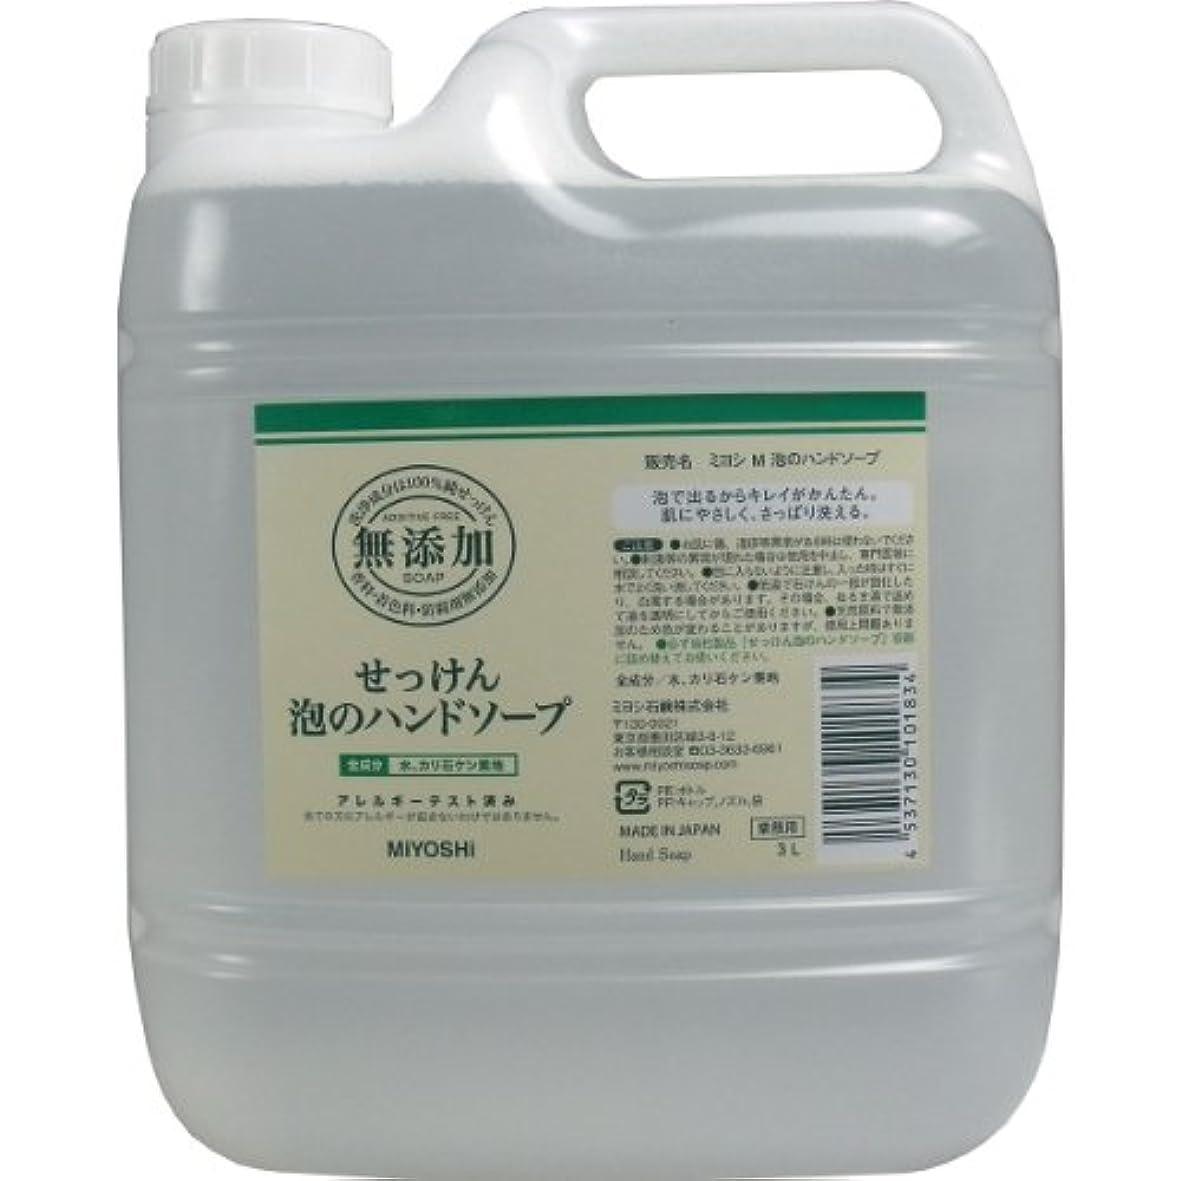 蒸マート突破口無添加せっけん 泡のハンドソープ 詰替用 (業務用) 3L